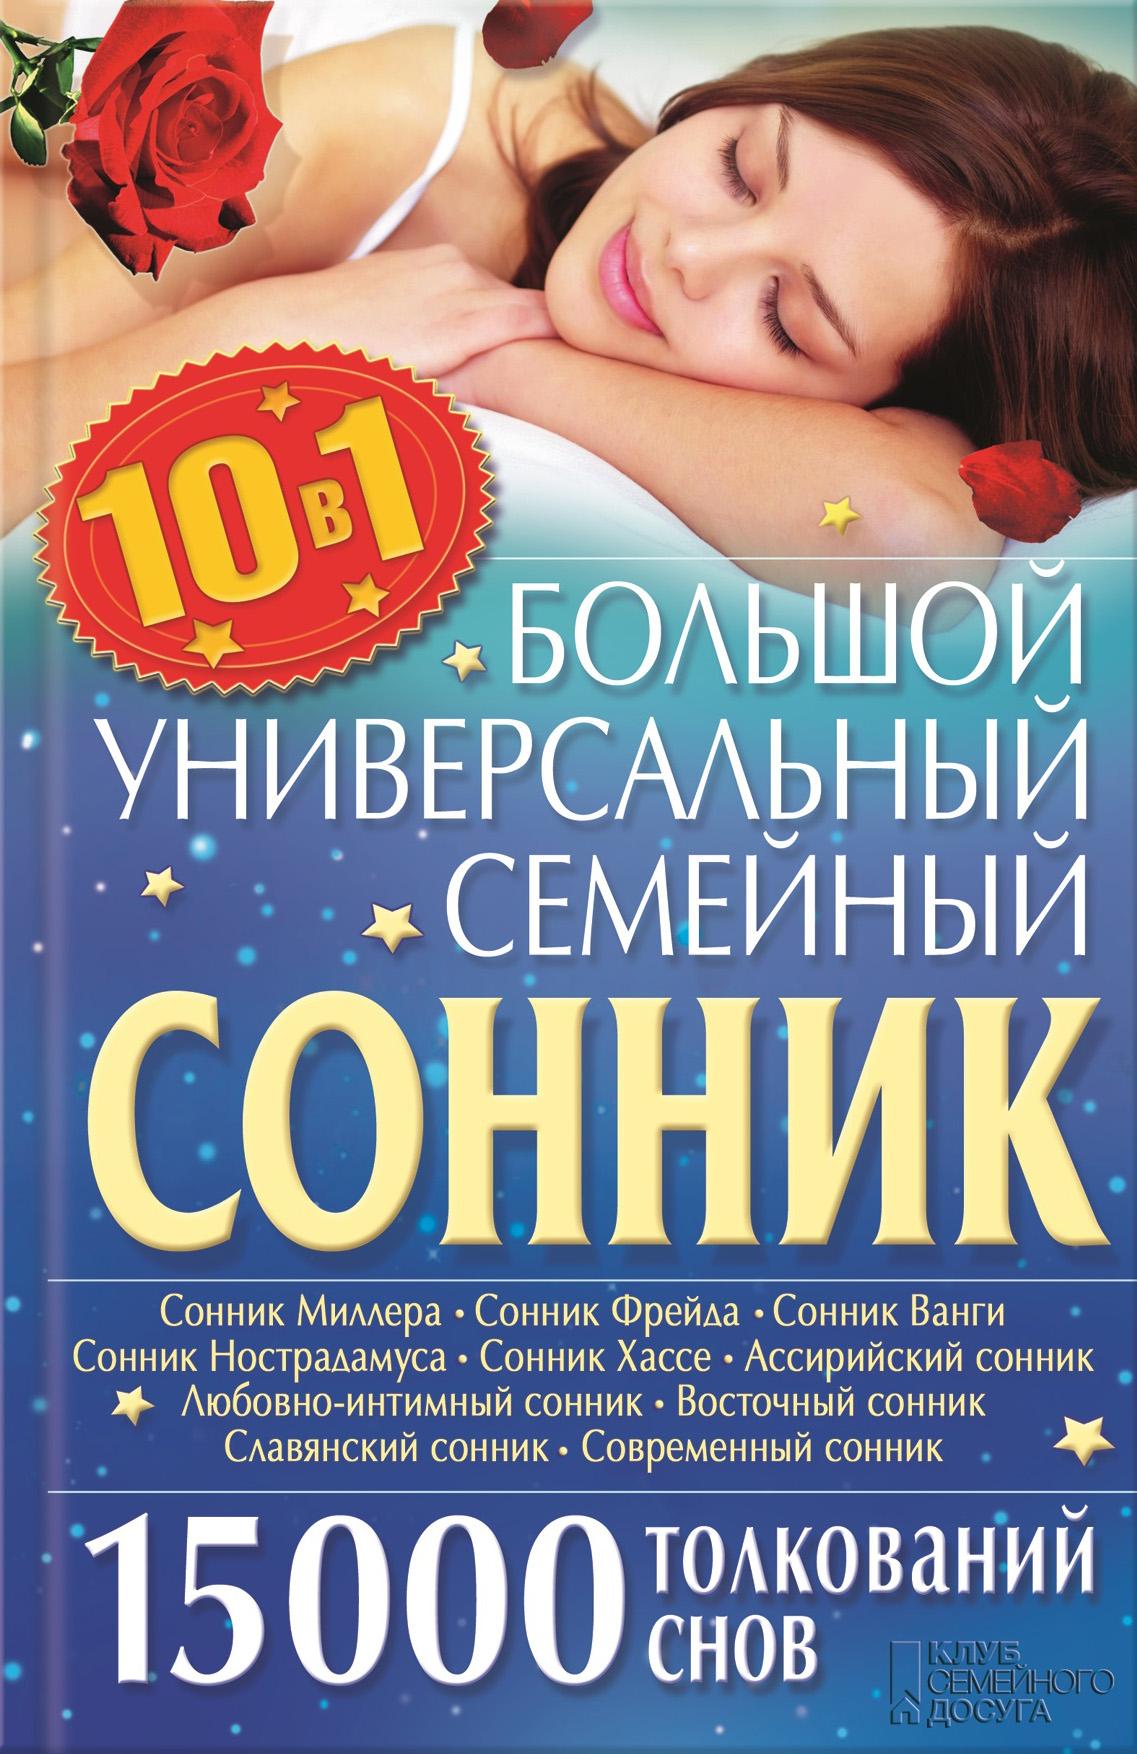 Отсутствует Большой универсальный семейный сонник 10 в1. 15000толкований снов отсутствует большой универсальный семейный сонник 10 в1 15000толкований снов